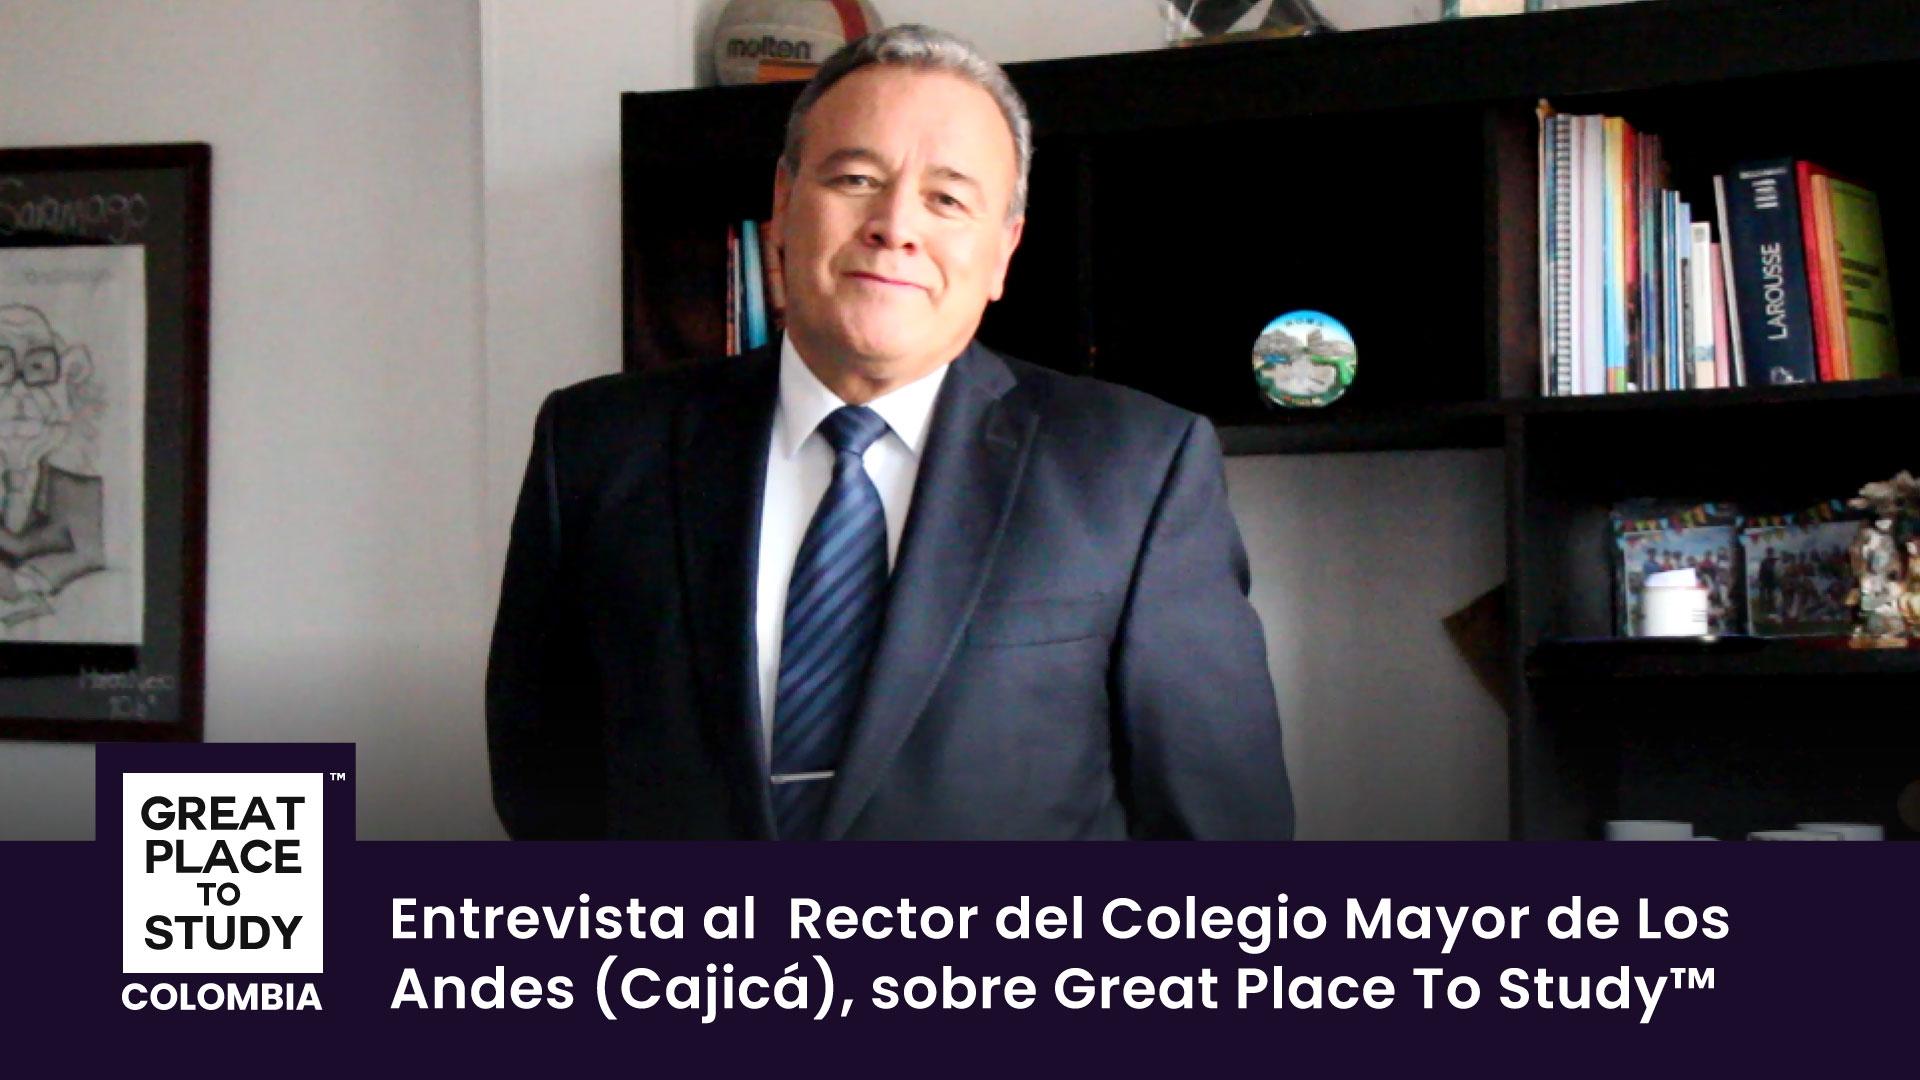 Orlando Jiménez Rojas, rector del Colegio Mayor de los Andes habla sobre Great Place to Study